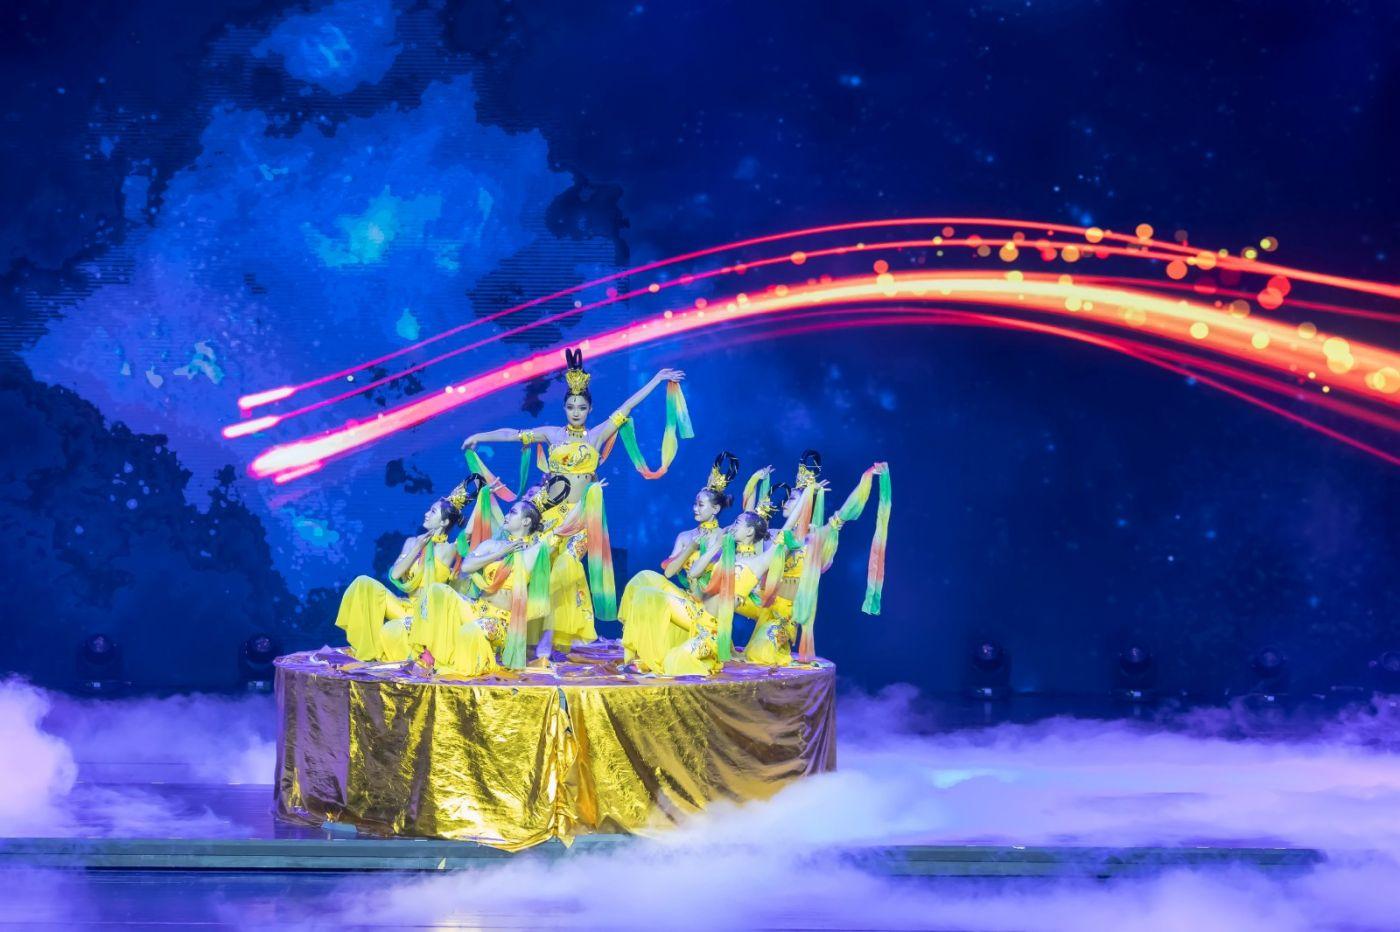 沂蒙大地上 有一种舞蹈叫飞天 这是几位临沂女孩的杰作 美轮美奂 ..._图1-2